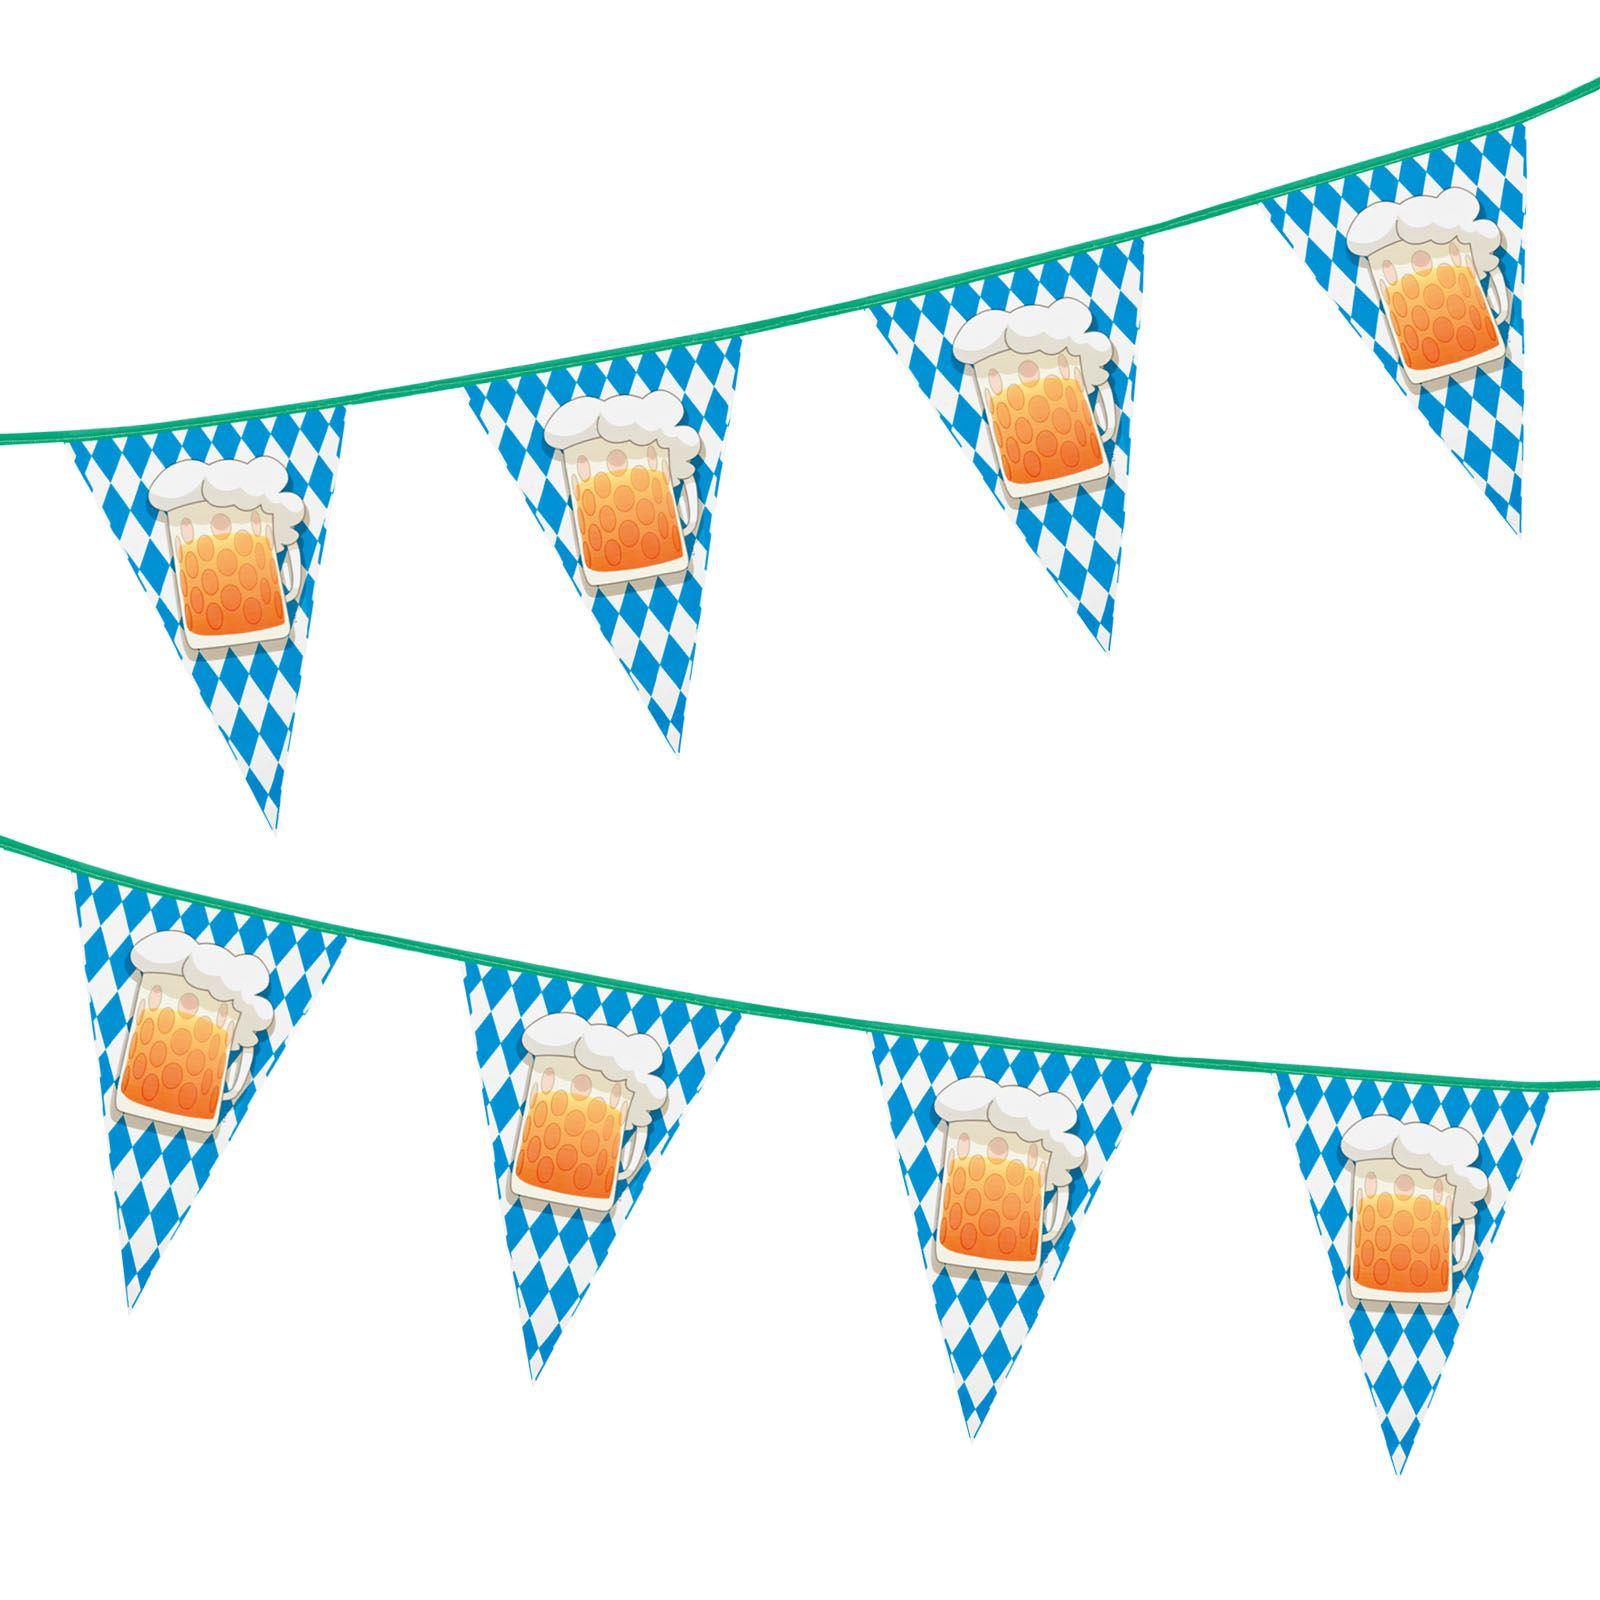 BAVARIAN CREST OKTOBERFEST FLAG BANNER German Beer Festival Party Decoration 332